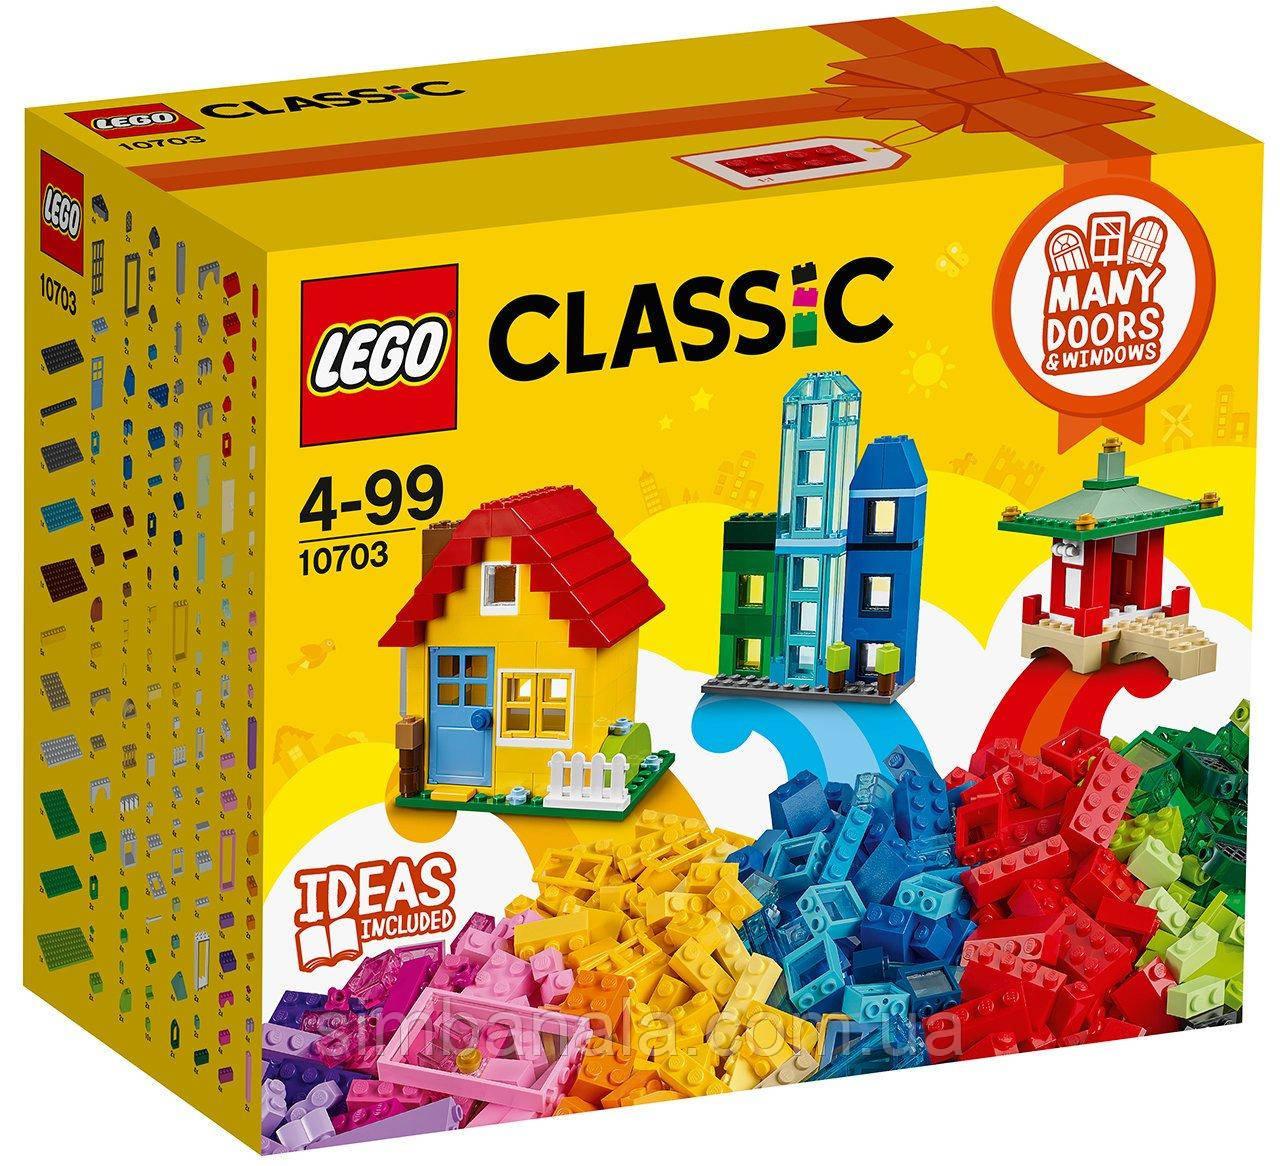 Конструкто LEGO Classic(10703) для творческого конструирования (502 детали)